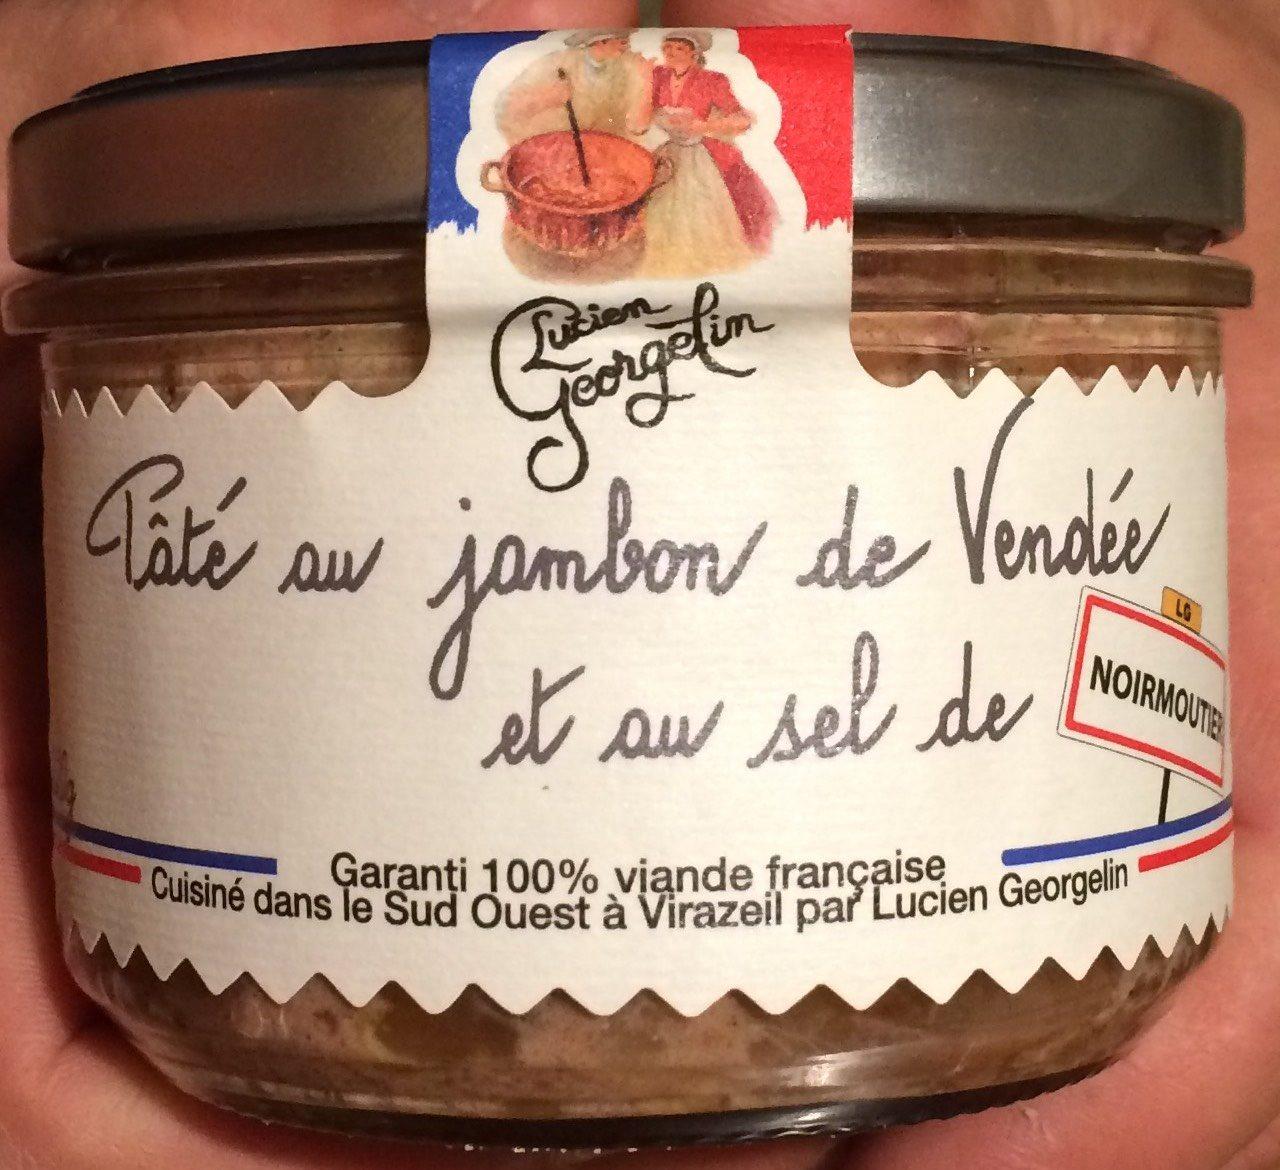 Paté au jambon de vendée et au sel de noirmoutier - Produit - fr